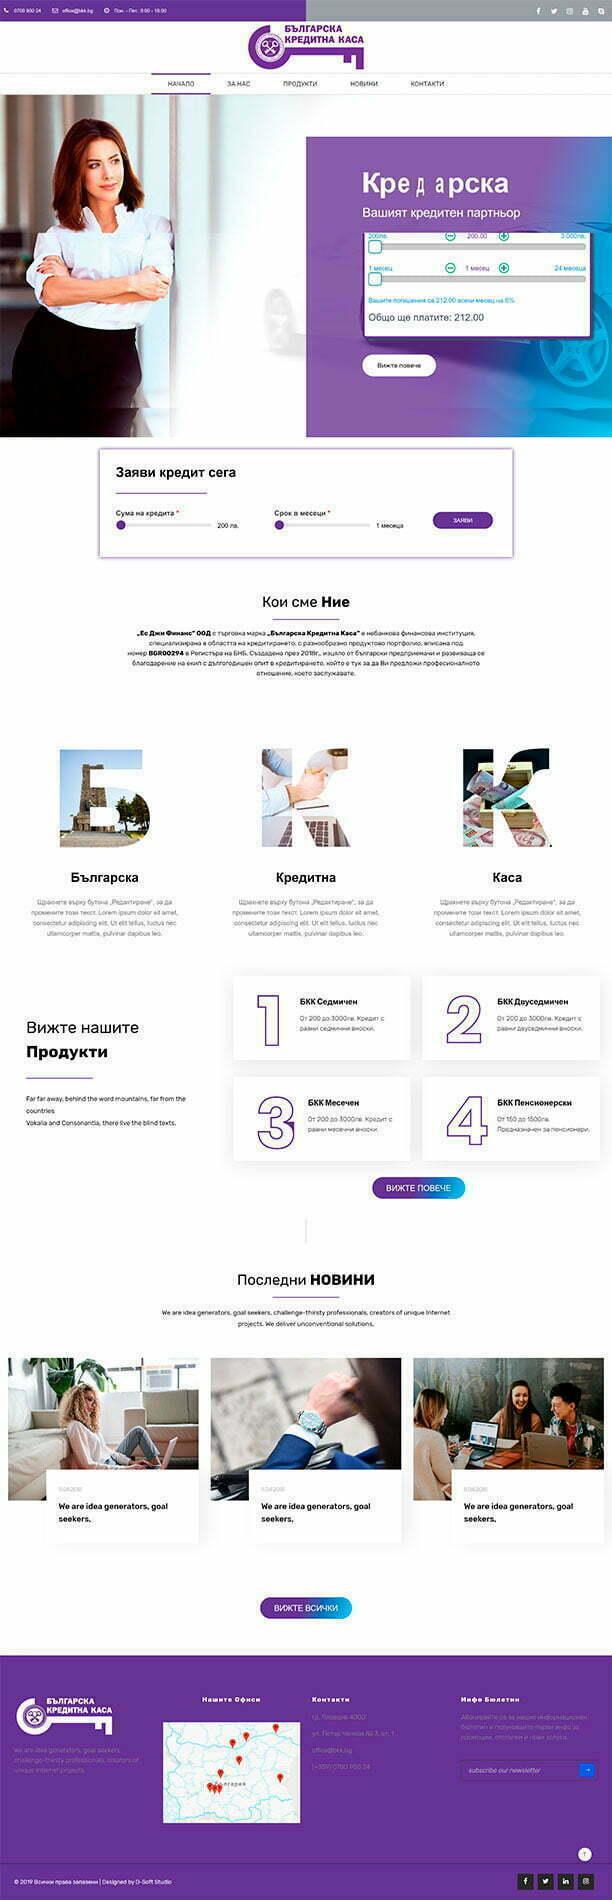 Сайт за микрокредитиране Българска Кредитна Каса 1